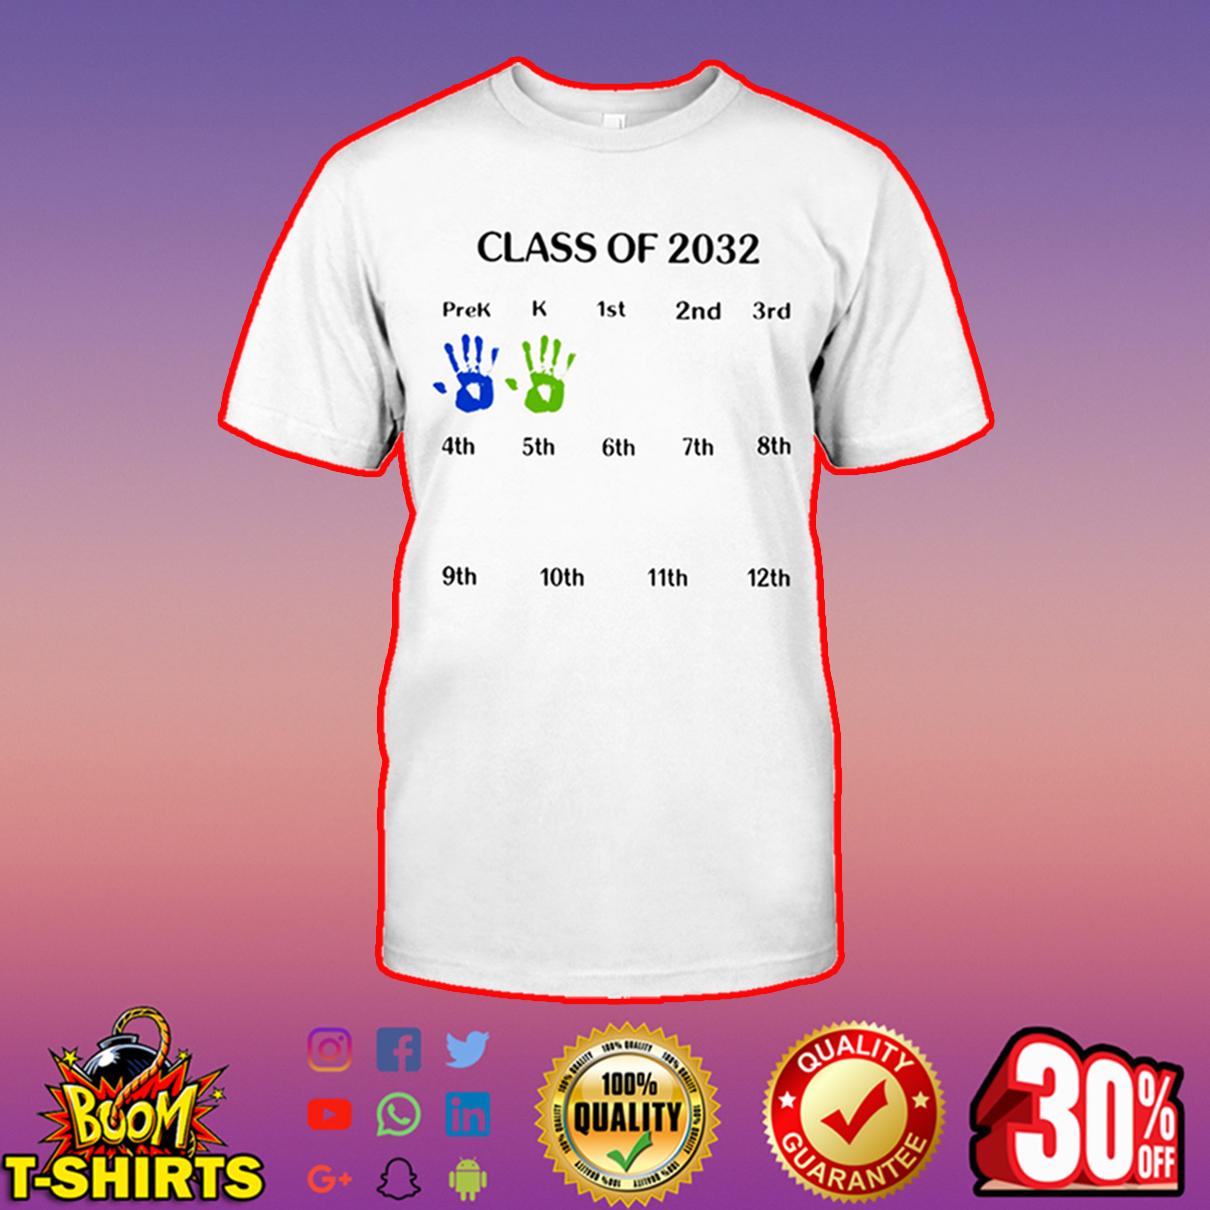 Class of 2032 shirt